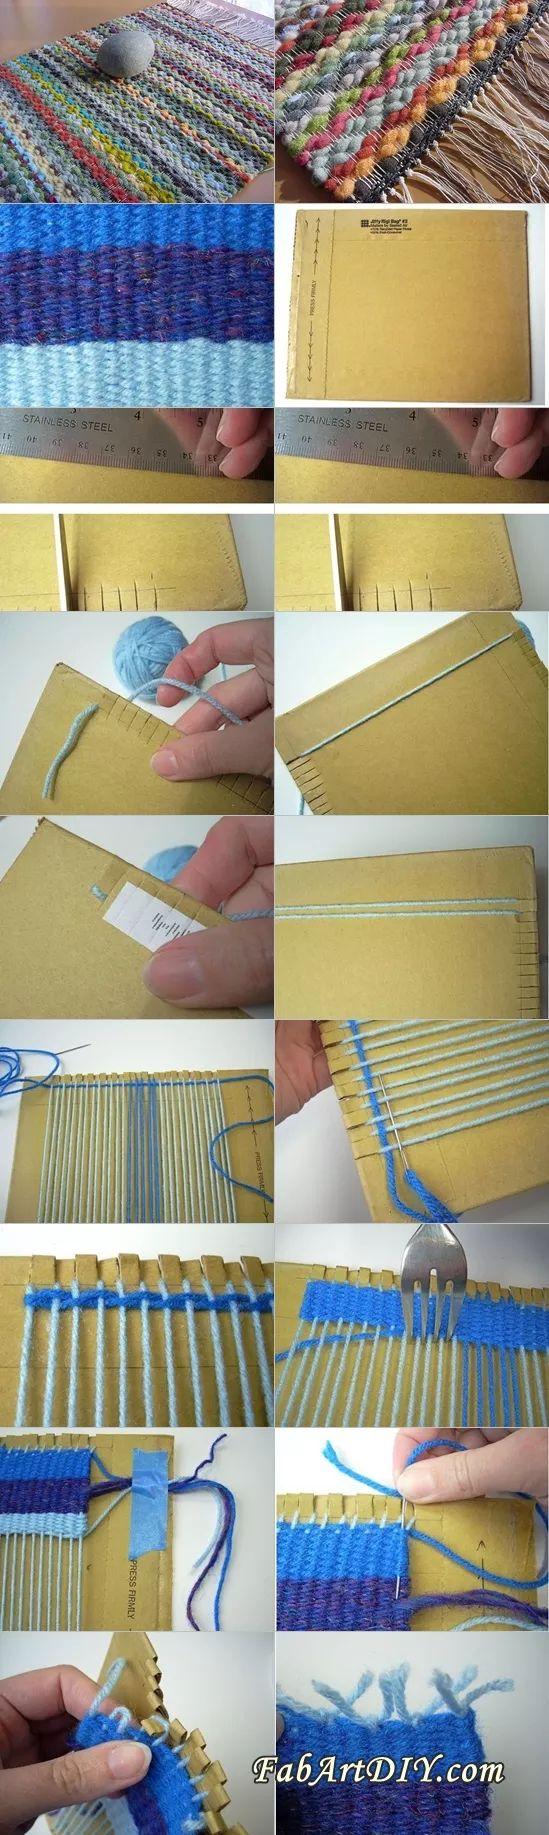 Simple rug weaving with cardboard